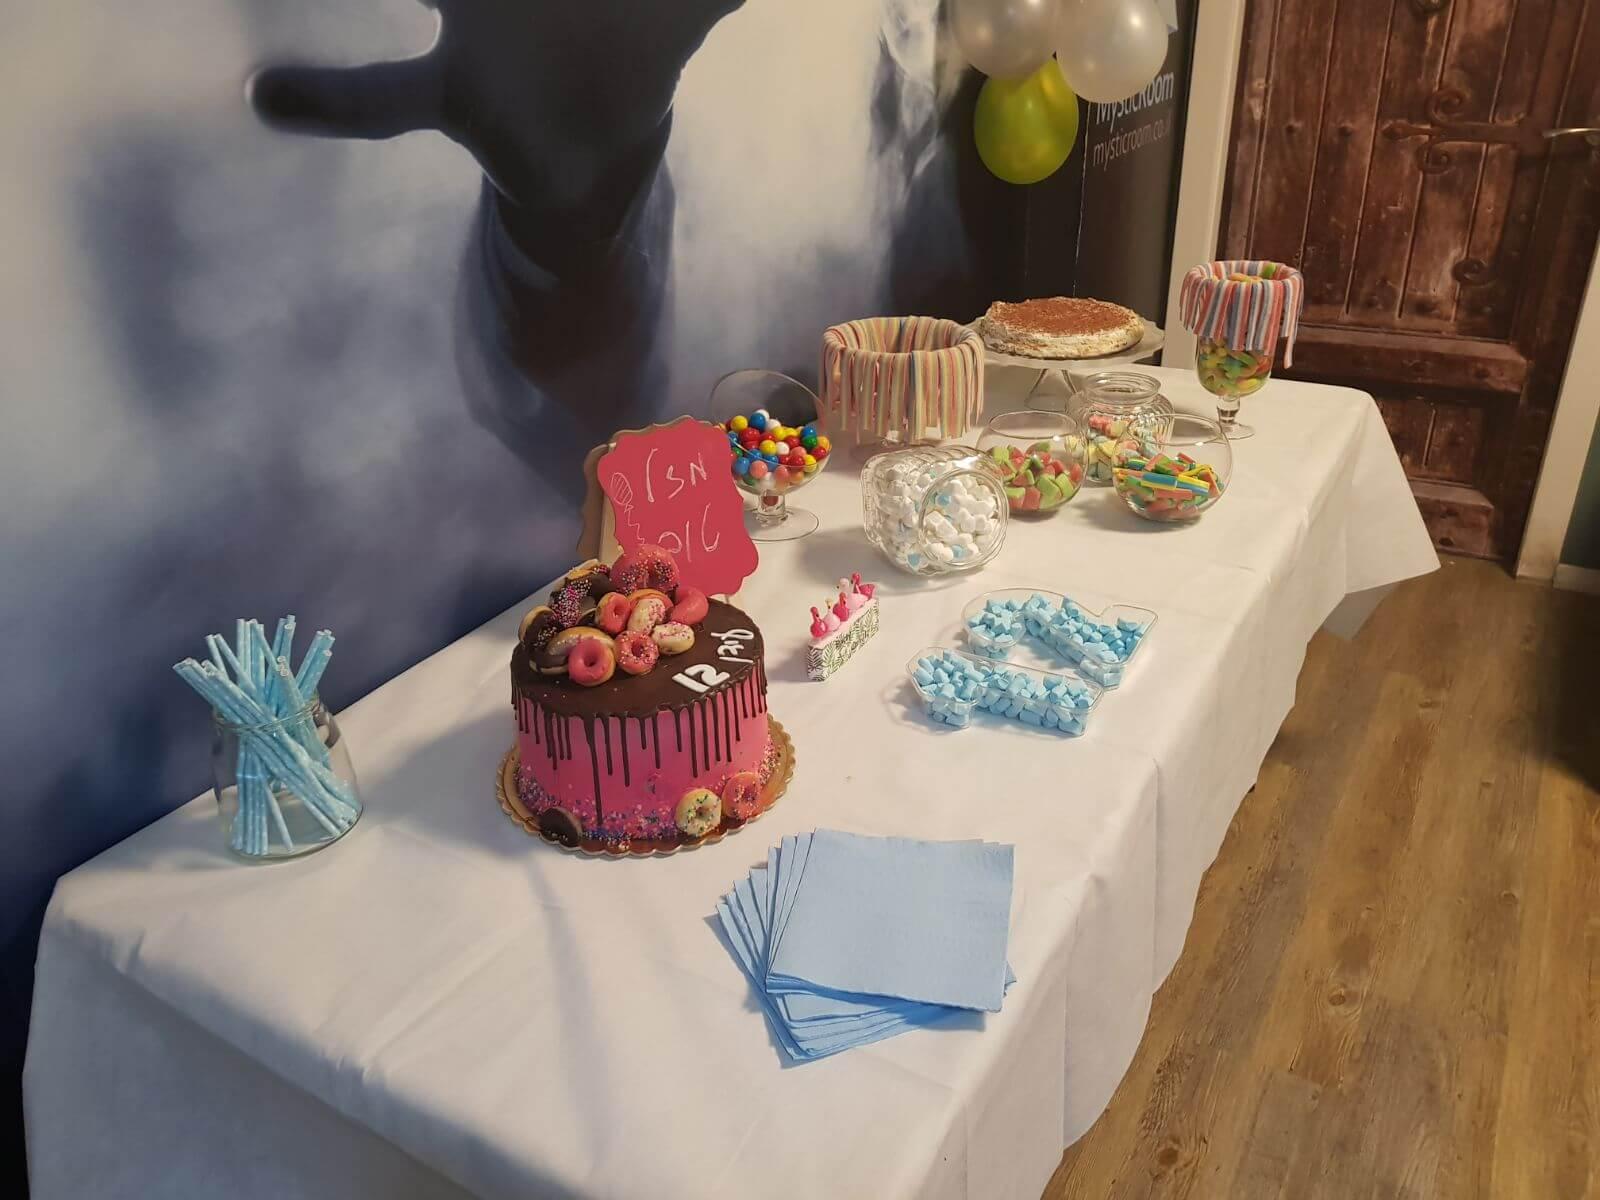 יום הולדת בחדר בריחה של מיסטיקרום